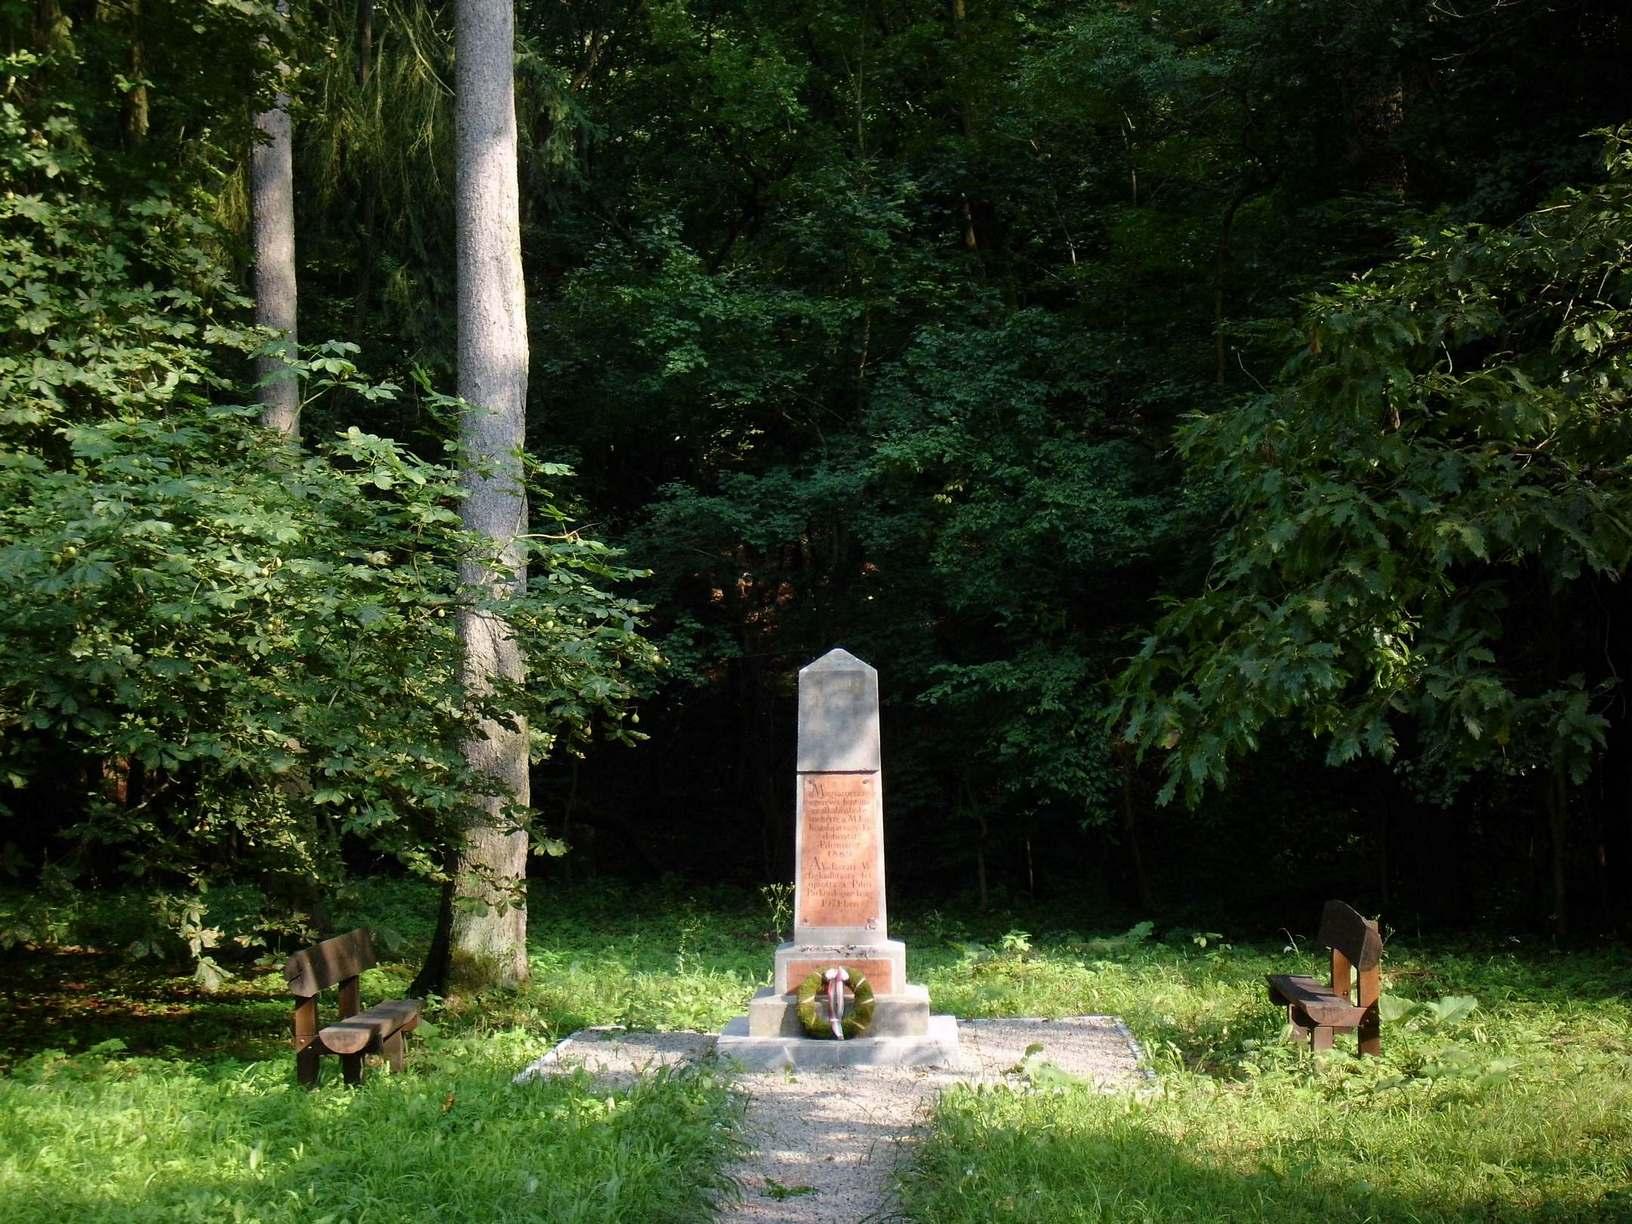 Millenniumi emlékmű a Miklós-deák-völgyben